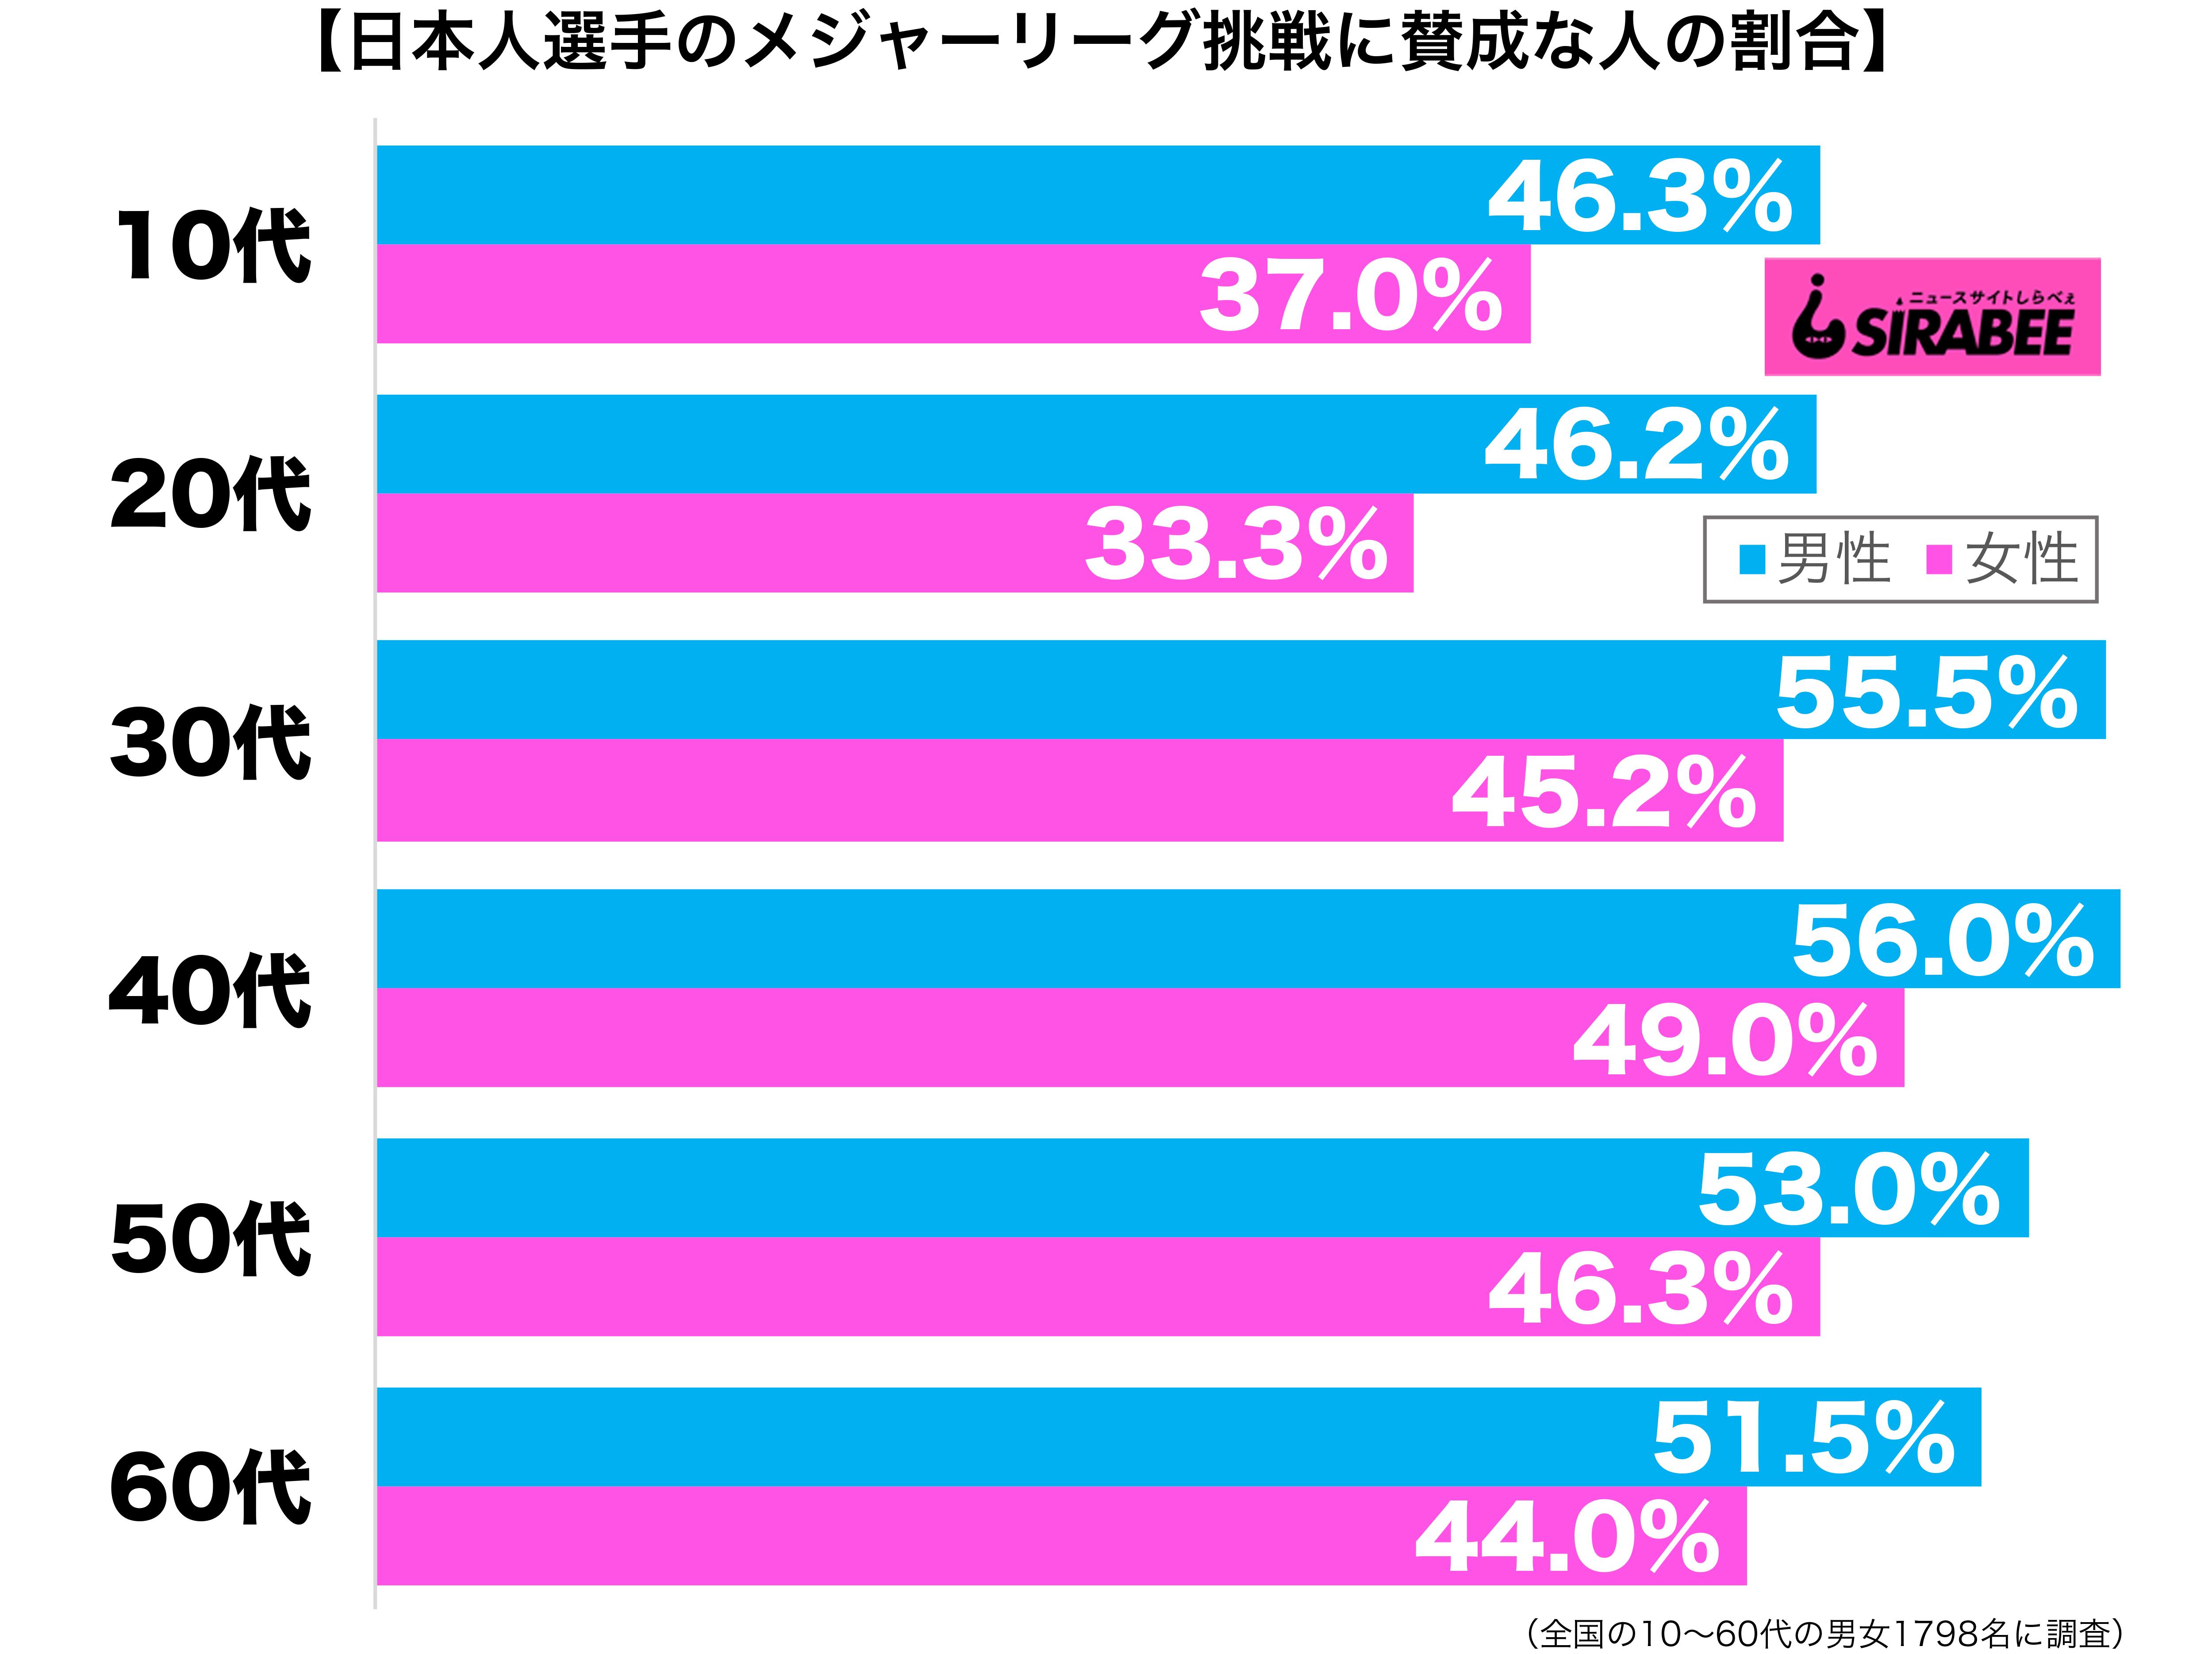 日本人選手のメジャーリーグ挑戦に賛成だ性年代別グラフ